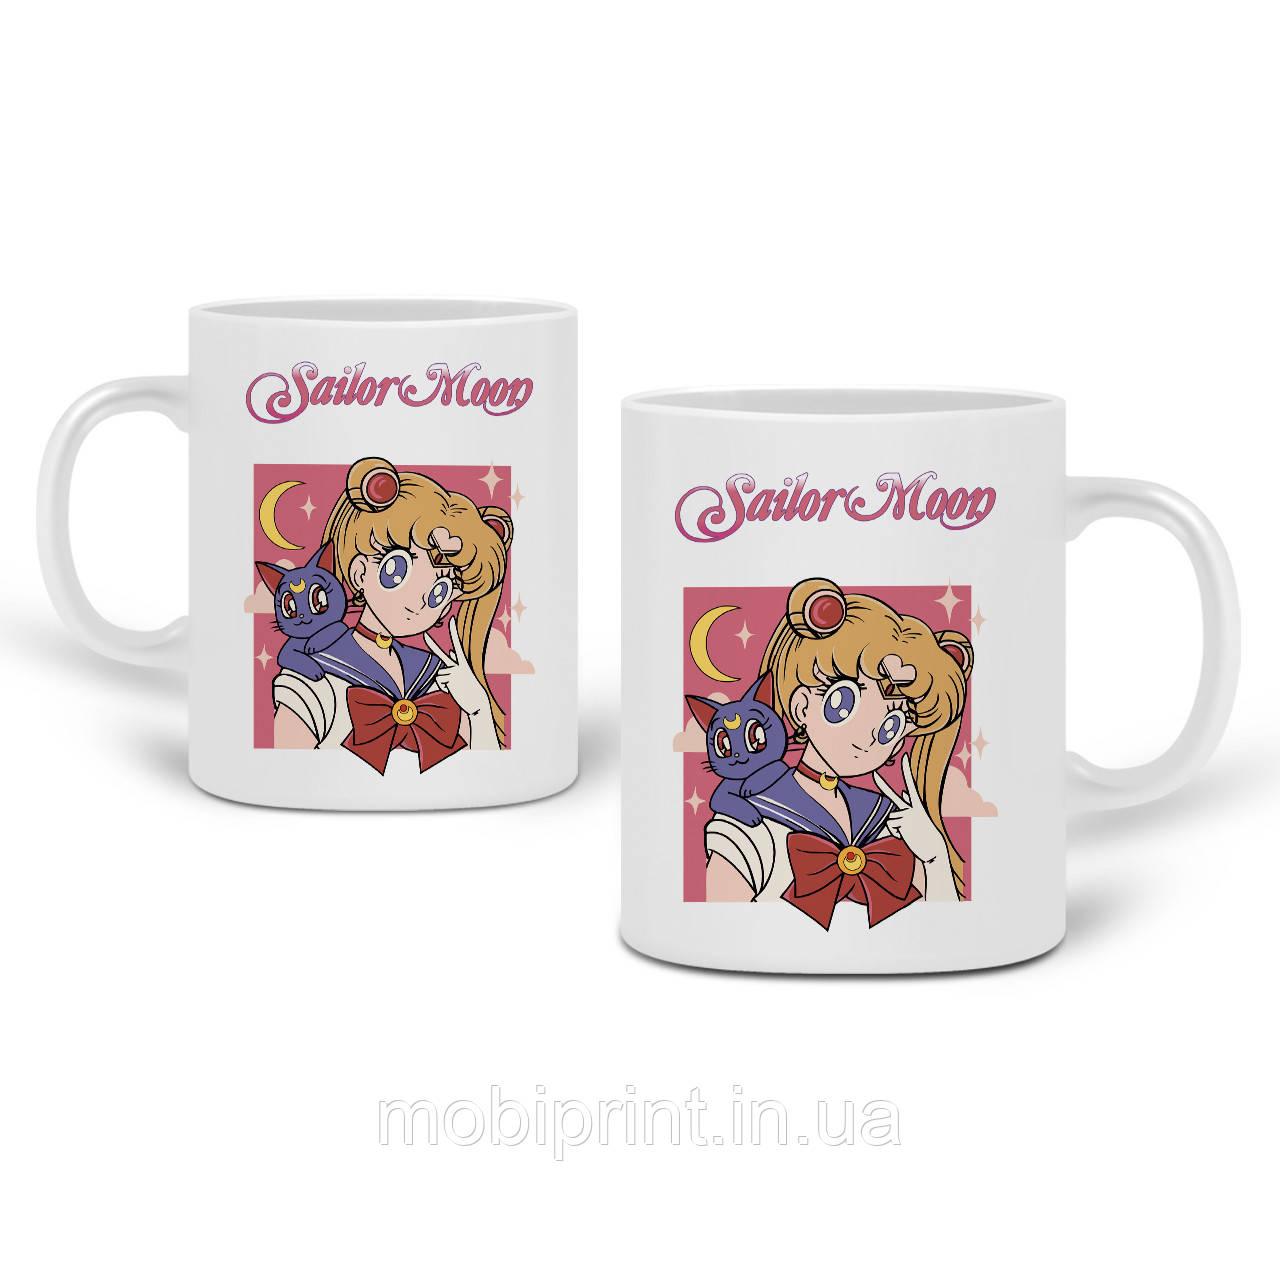 Кружка Сейлор Мун (Sailor Moon) 330 мл Чашка Керамічна (20259-2659)